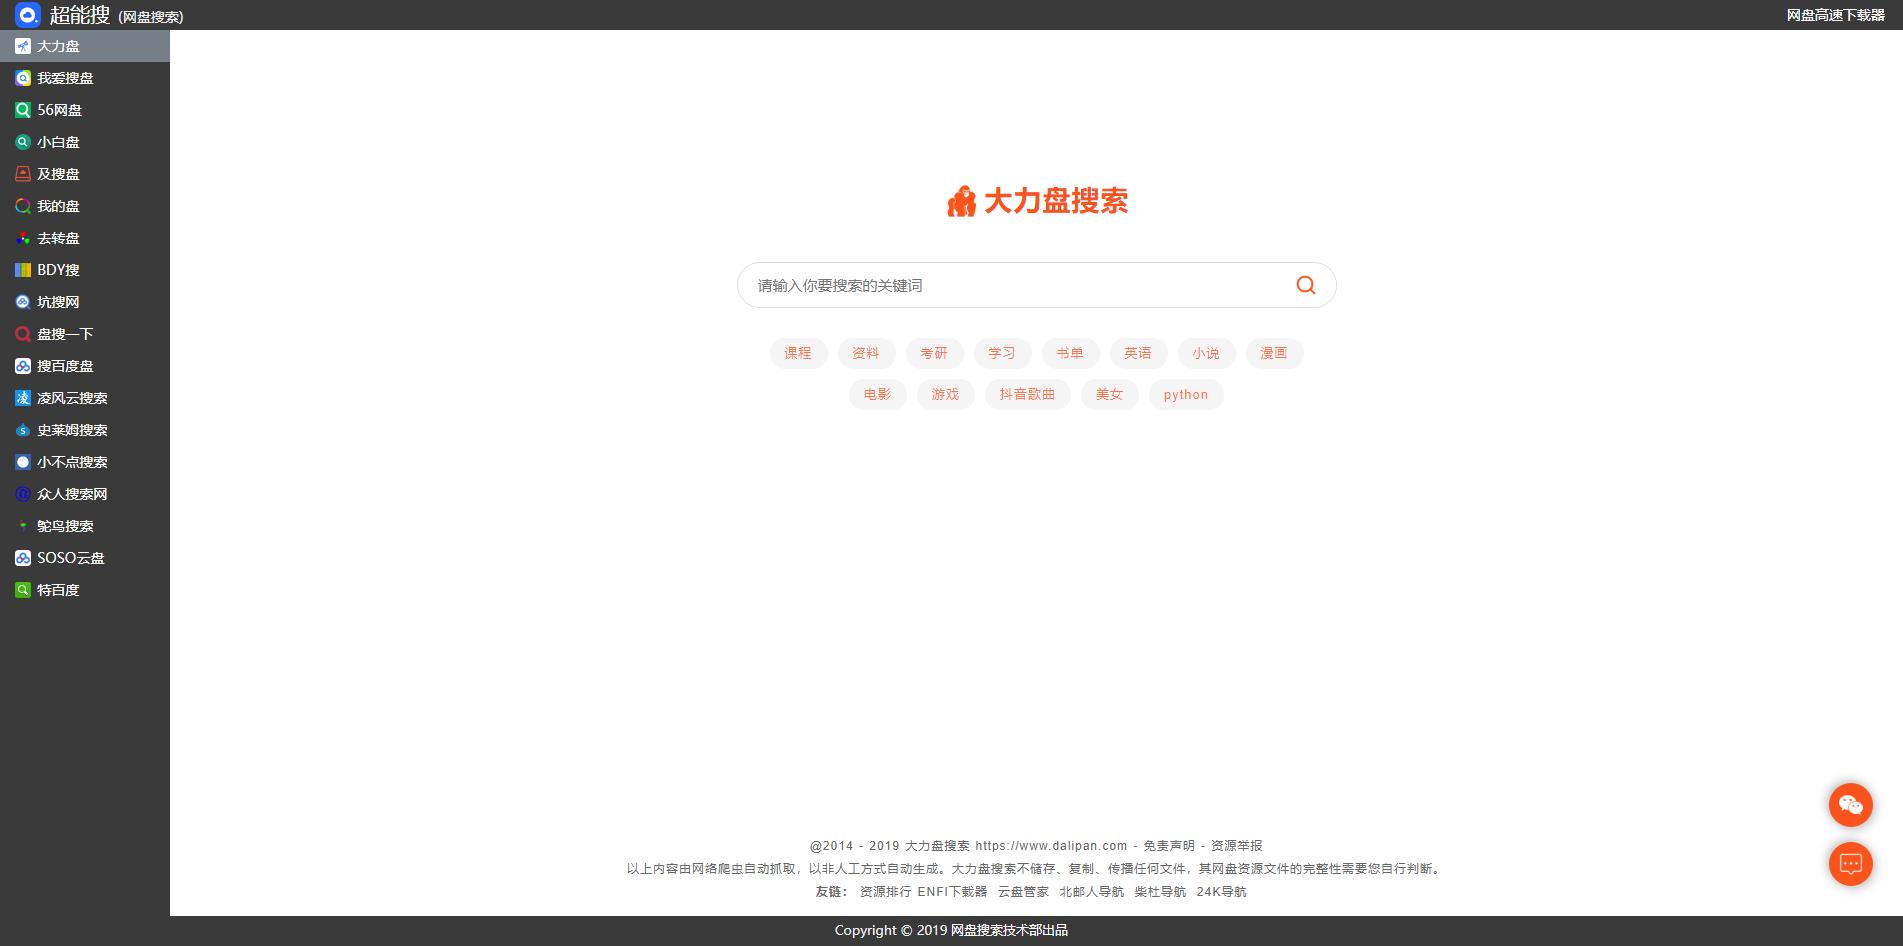 十多款网盘资源搜索引擎网站整理合集